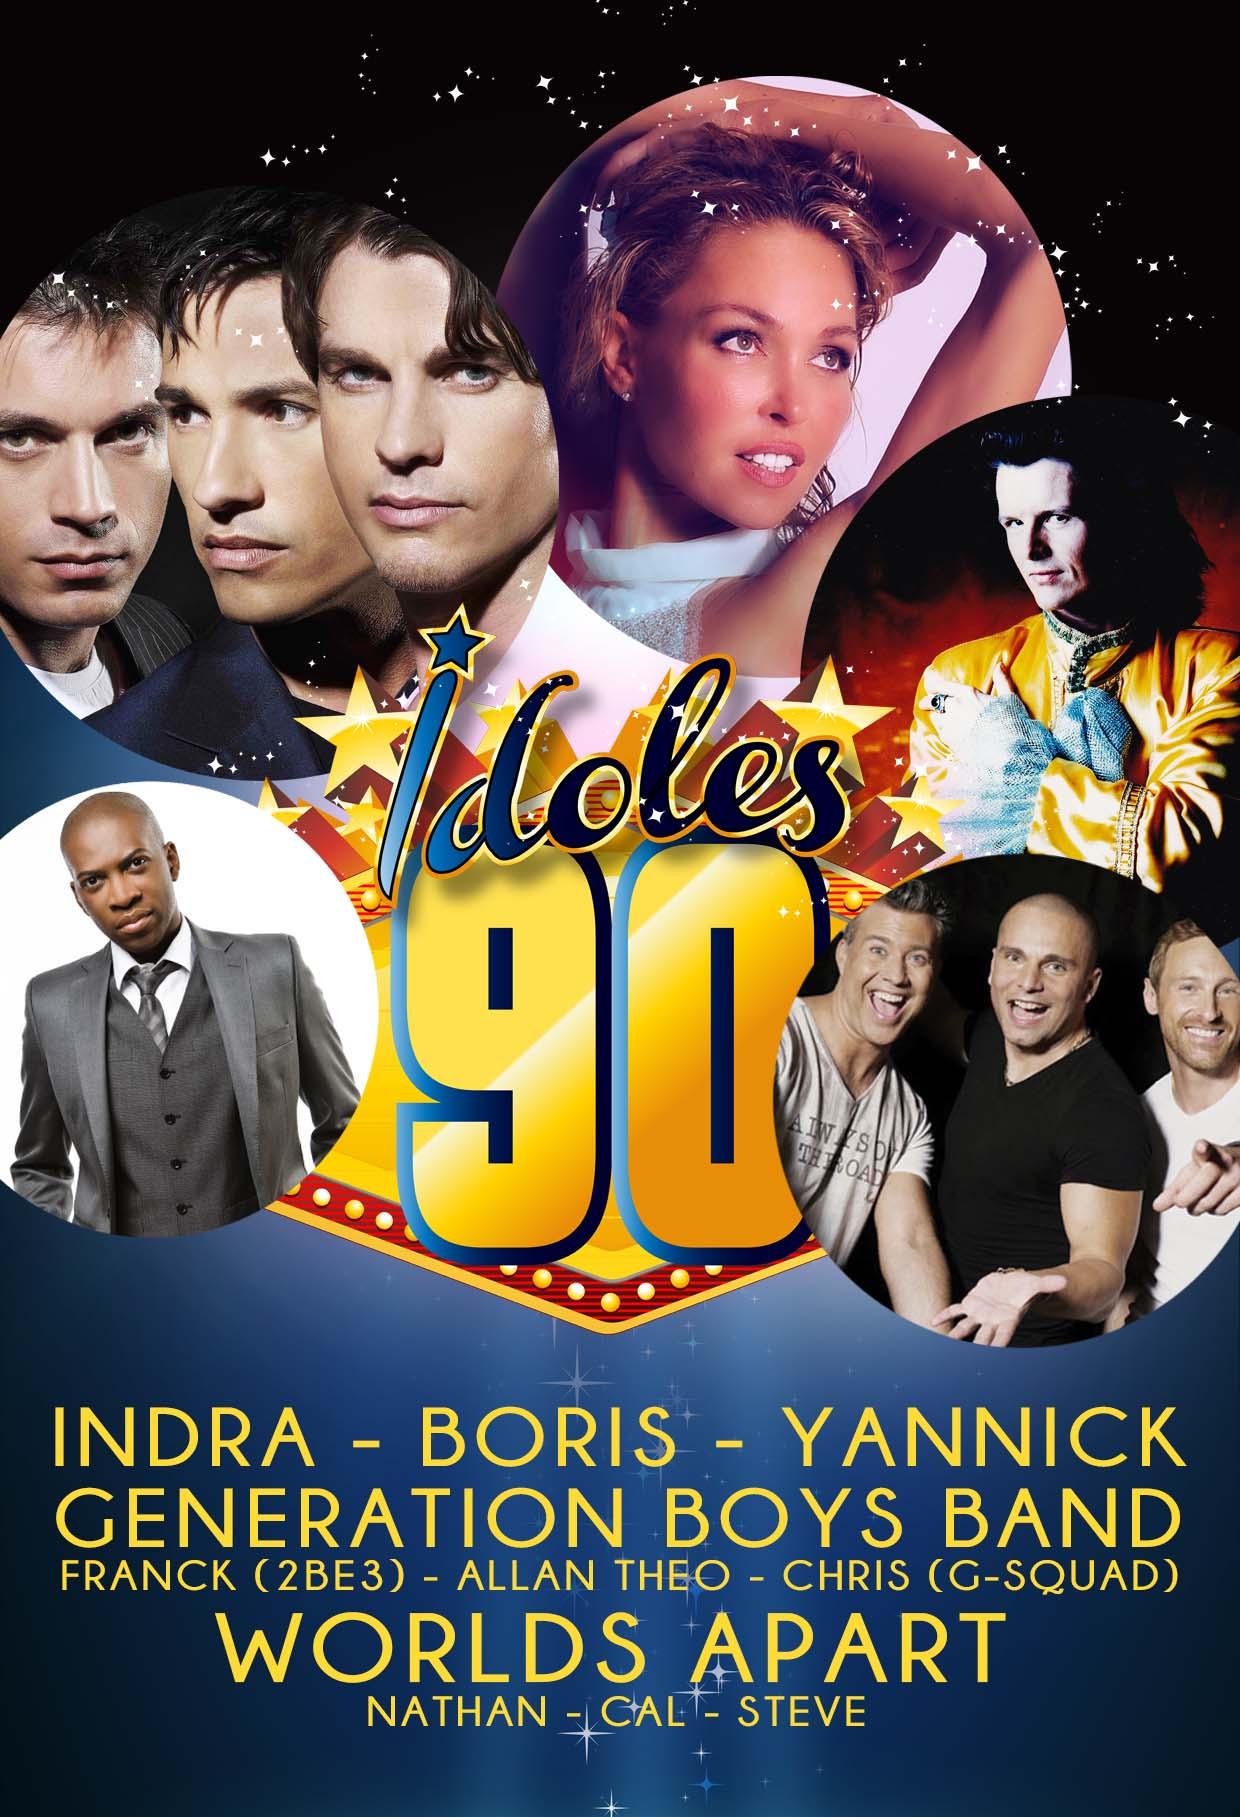 Idoles 90 - 21x30 Showparade Prod 2020